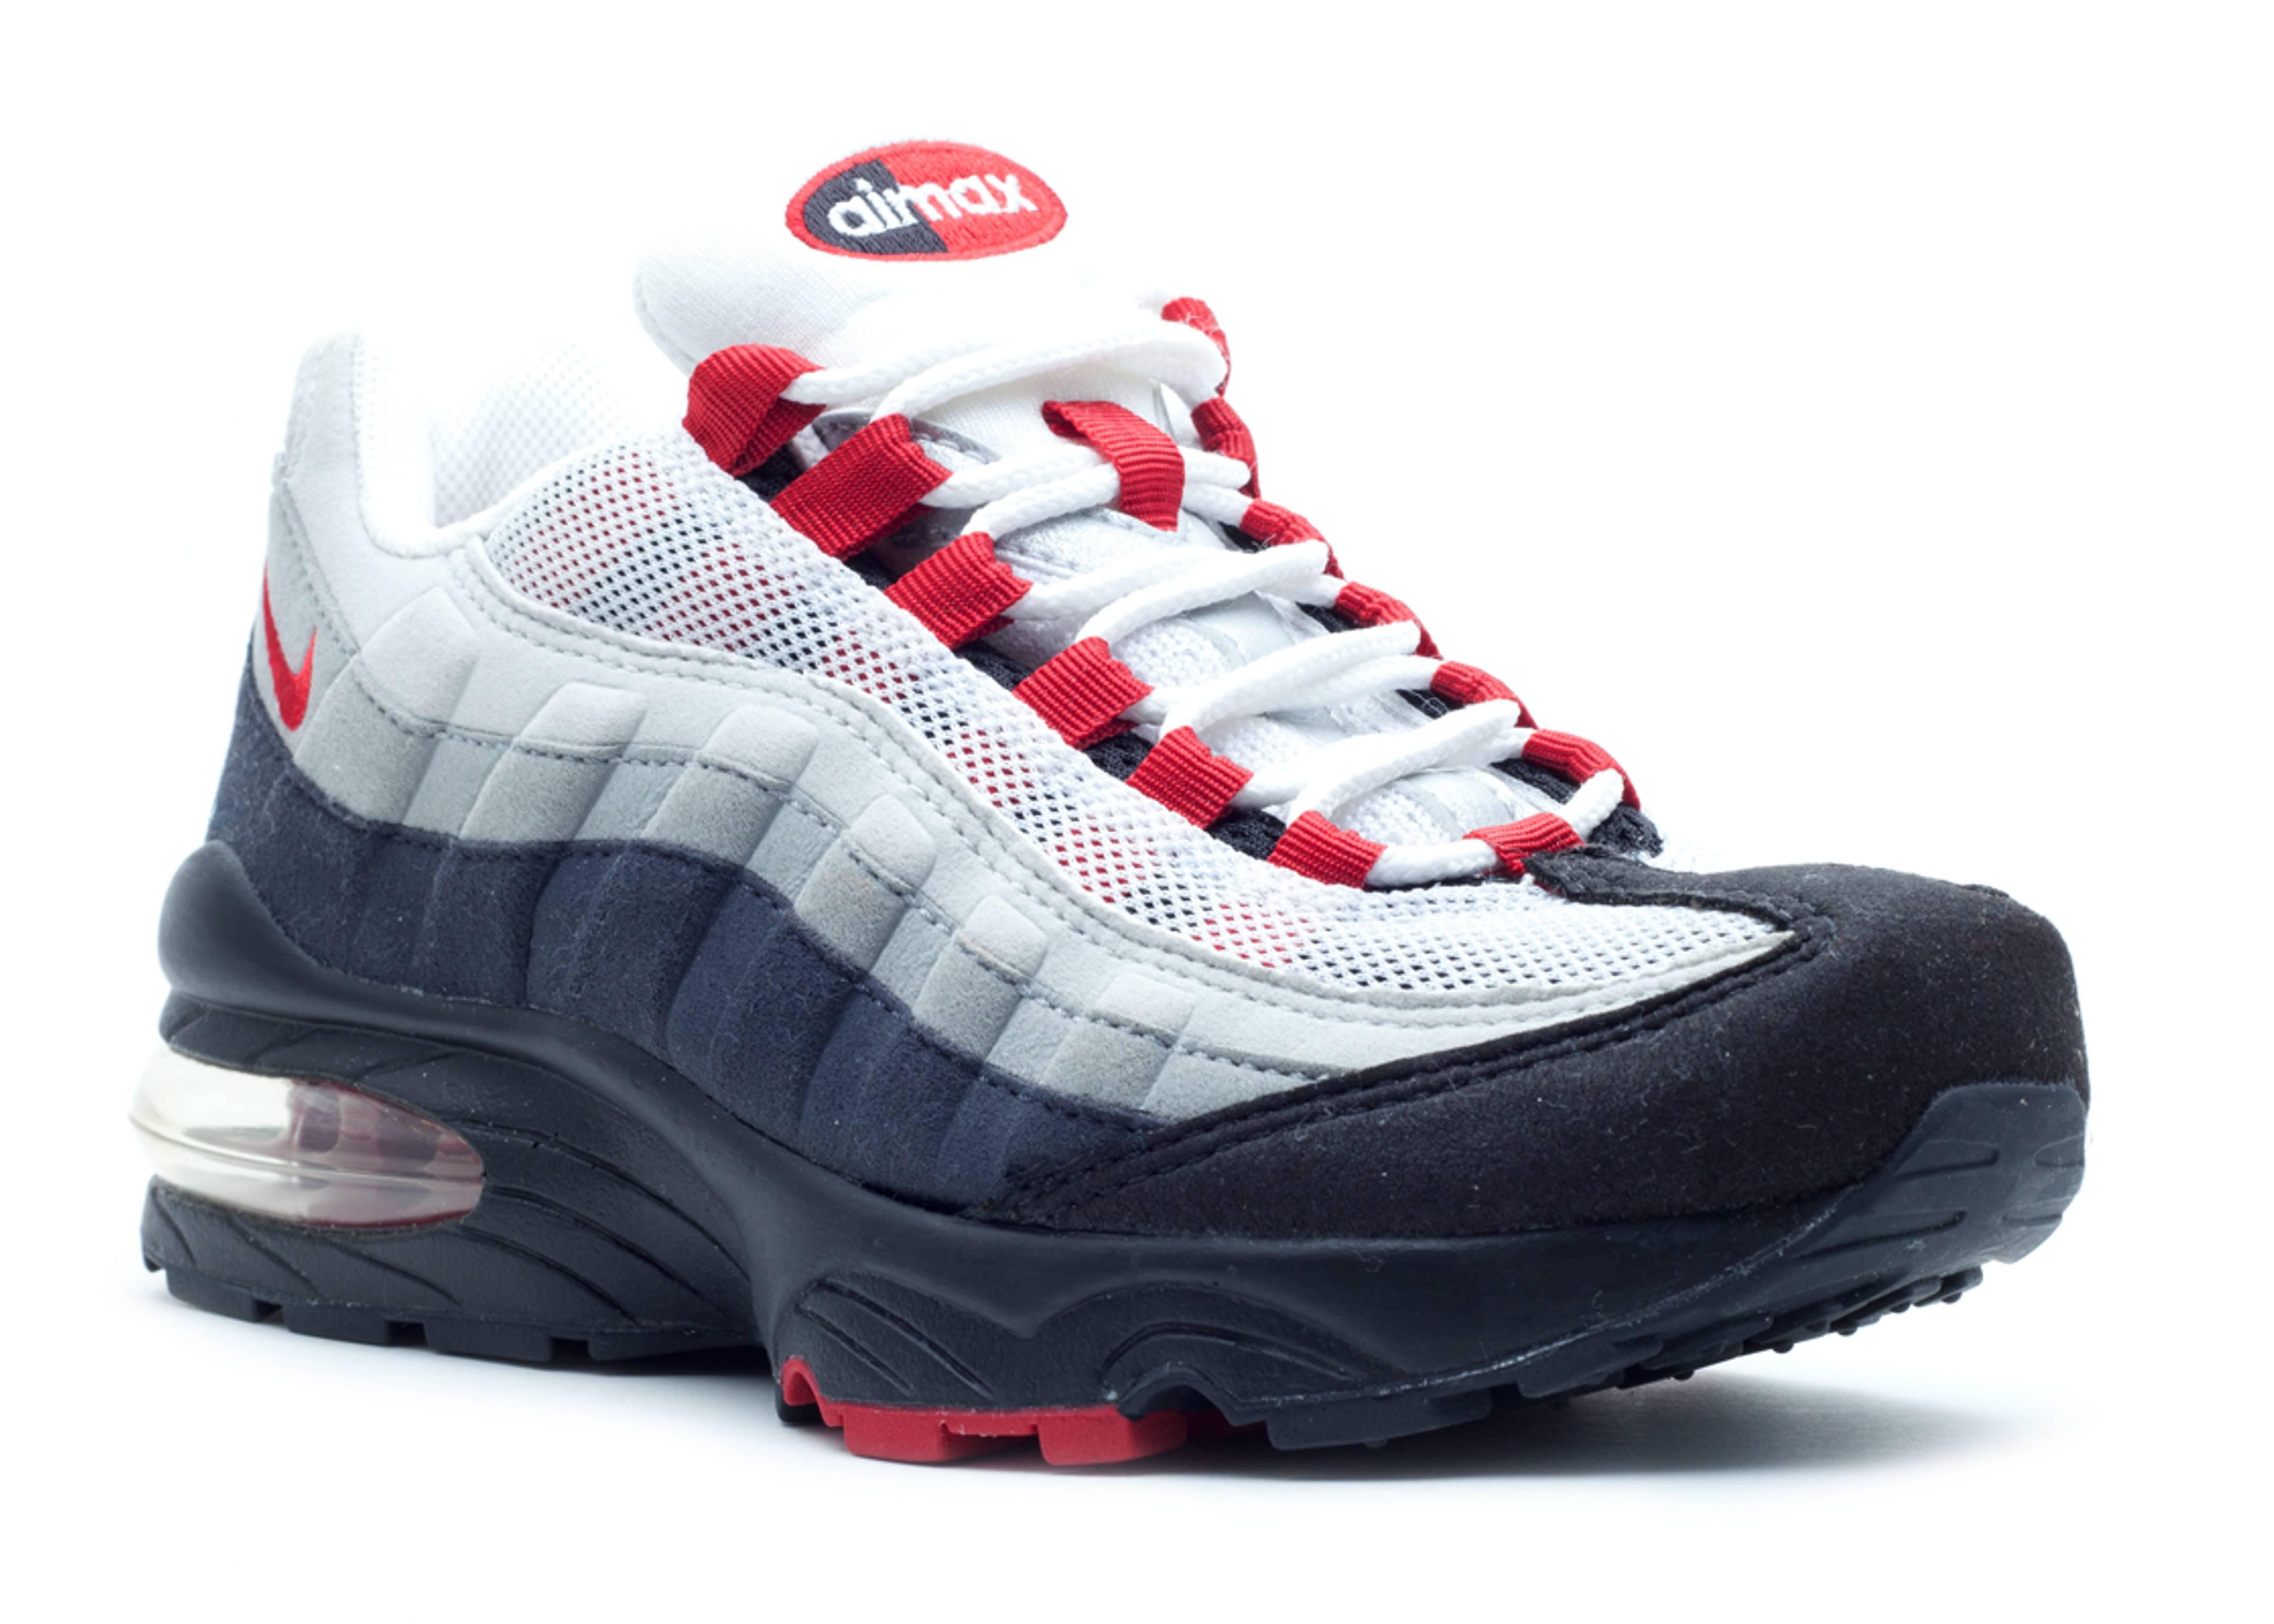 sale retailer 95fa5 6fa5c Air Max 95 - Nike - 307565 062 - white/black-chile red ...